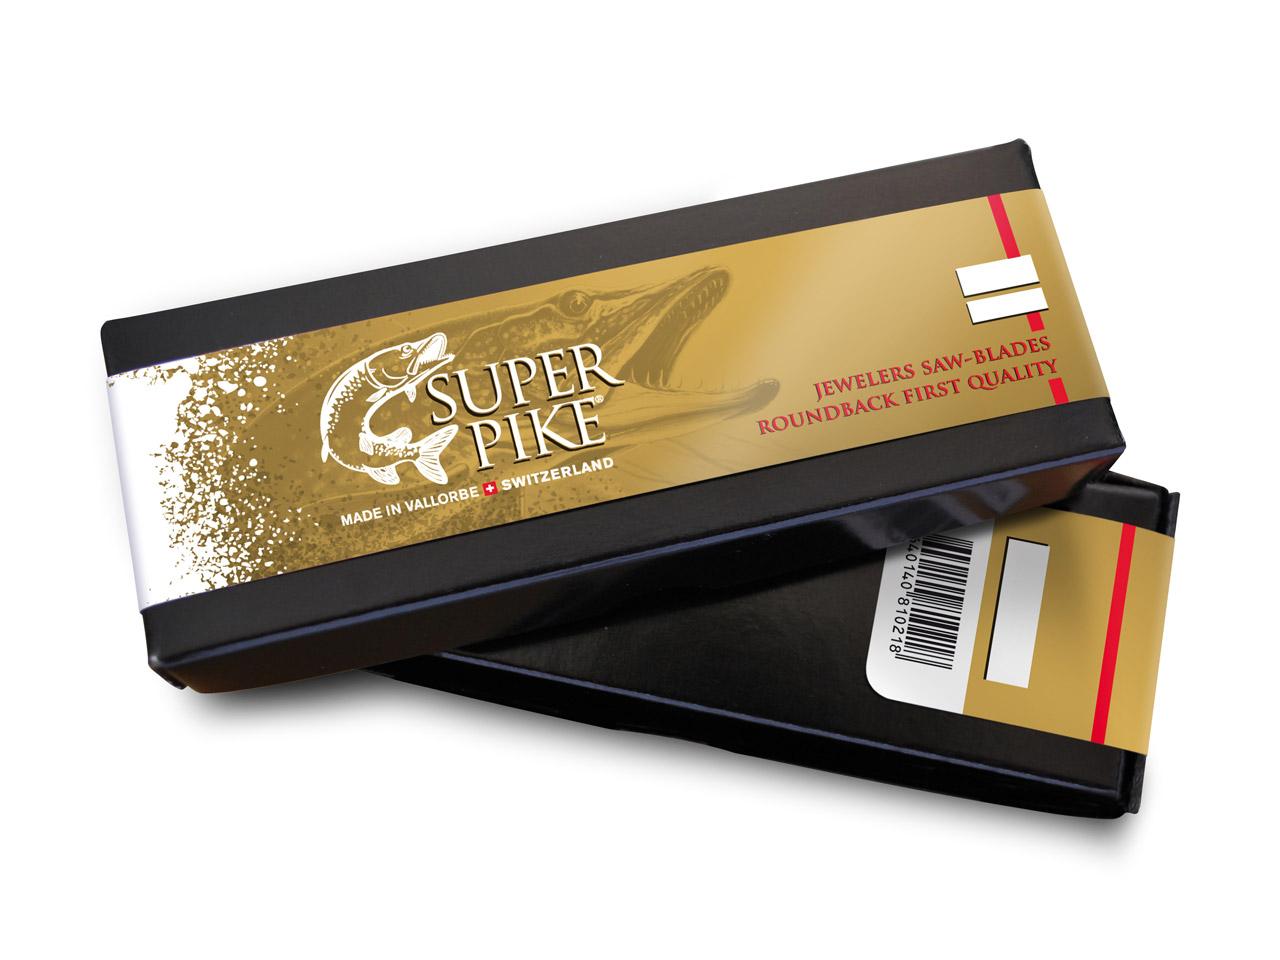 12 piercing lames de scie pour bijoux grade vallorbe suisse bijoutier argent